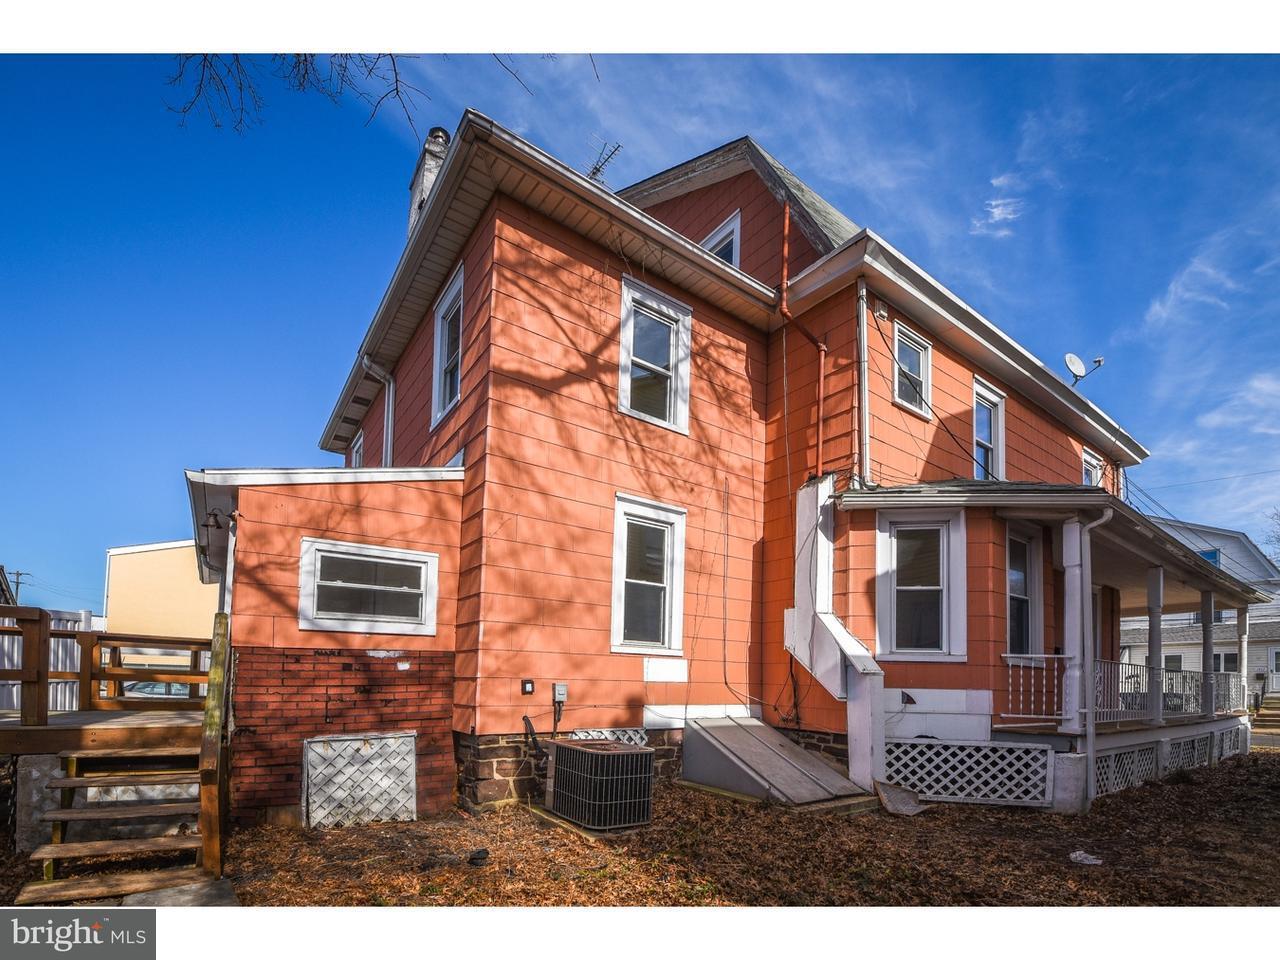 Casa unifamiliar adosada (Townhouse) por un Alquiler en 1916 FAIRVIEW Avenue Willow Grove, Pennsylvania 19090 Estados Unidos